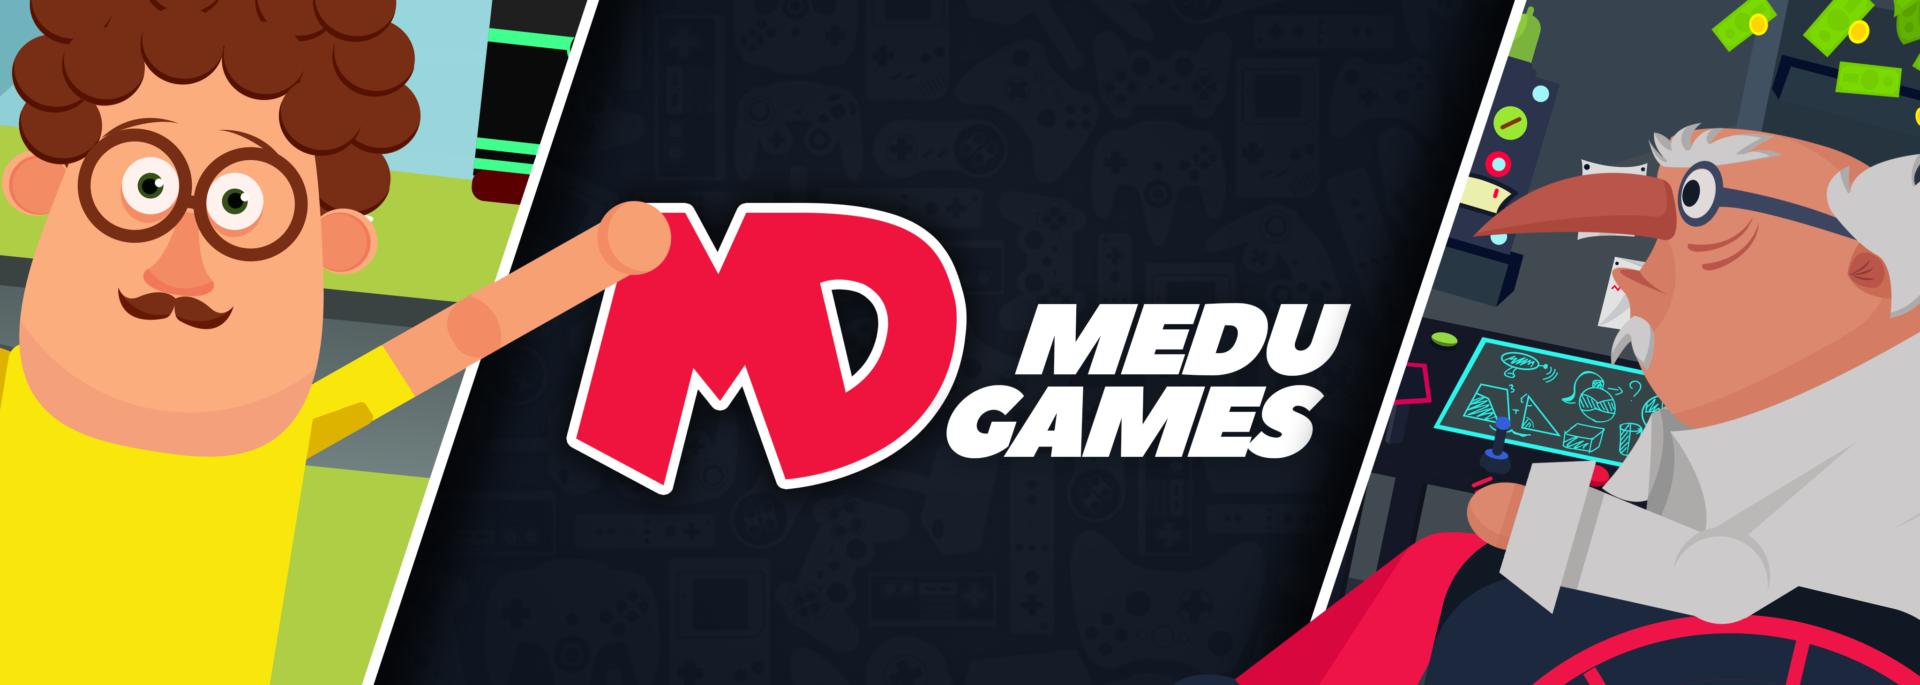 Medu Game